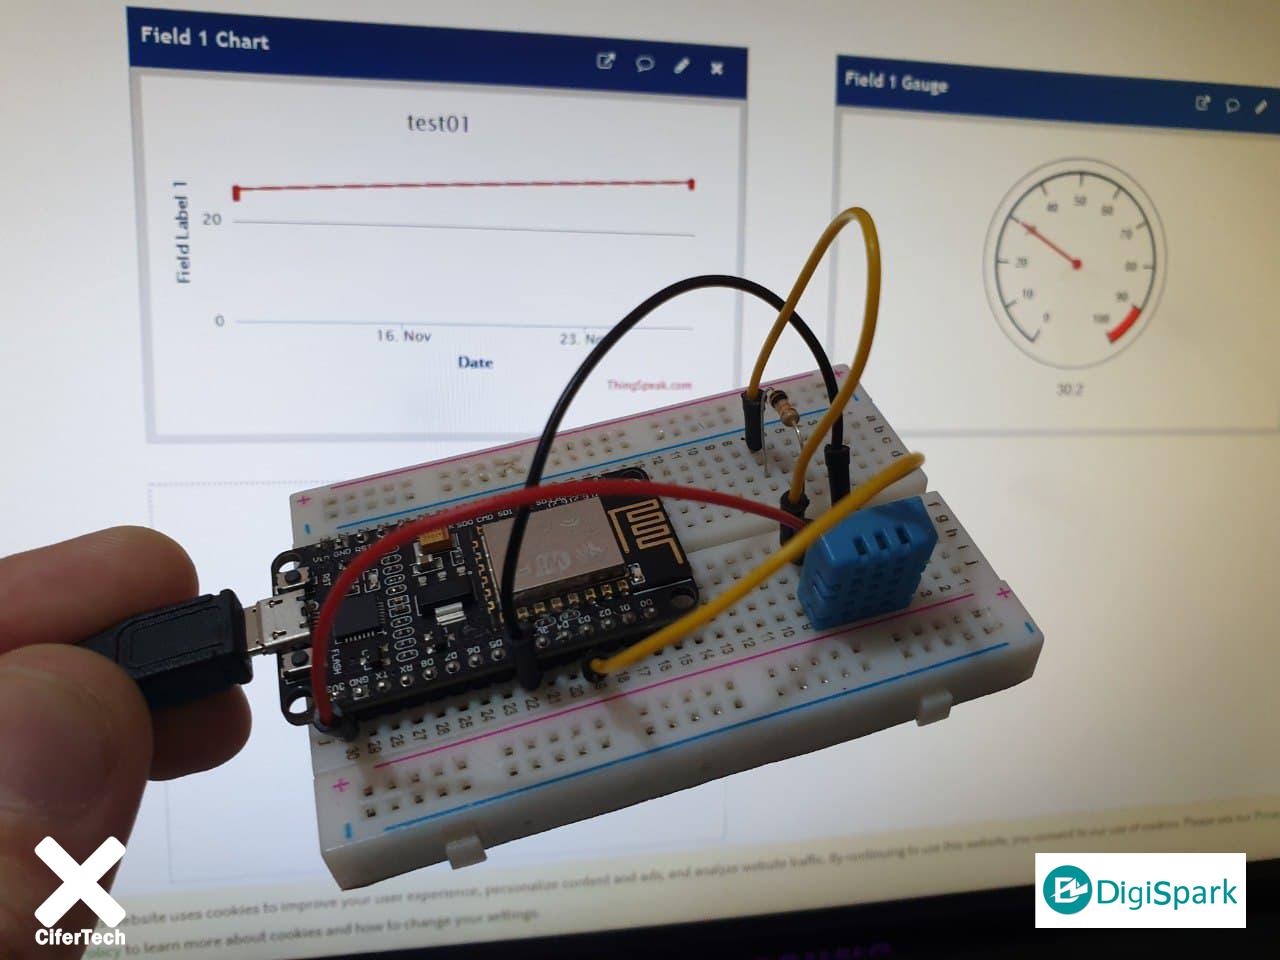 سنسور DHT11 و پلتفرم ThingSpeak با برد ESP8266 - دیجی اسپارک